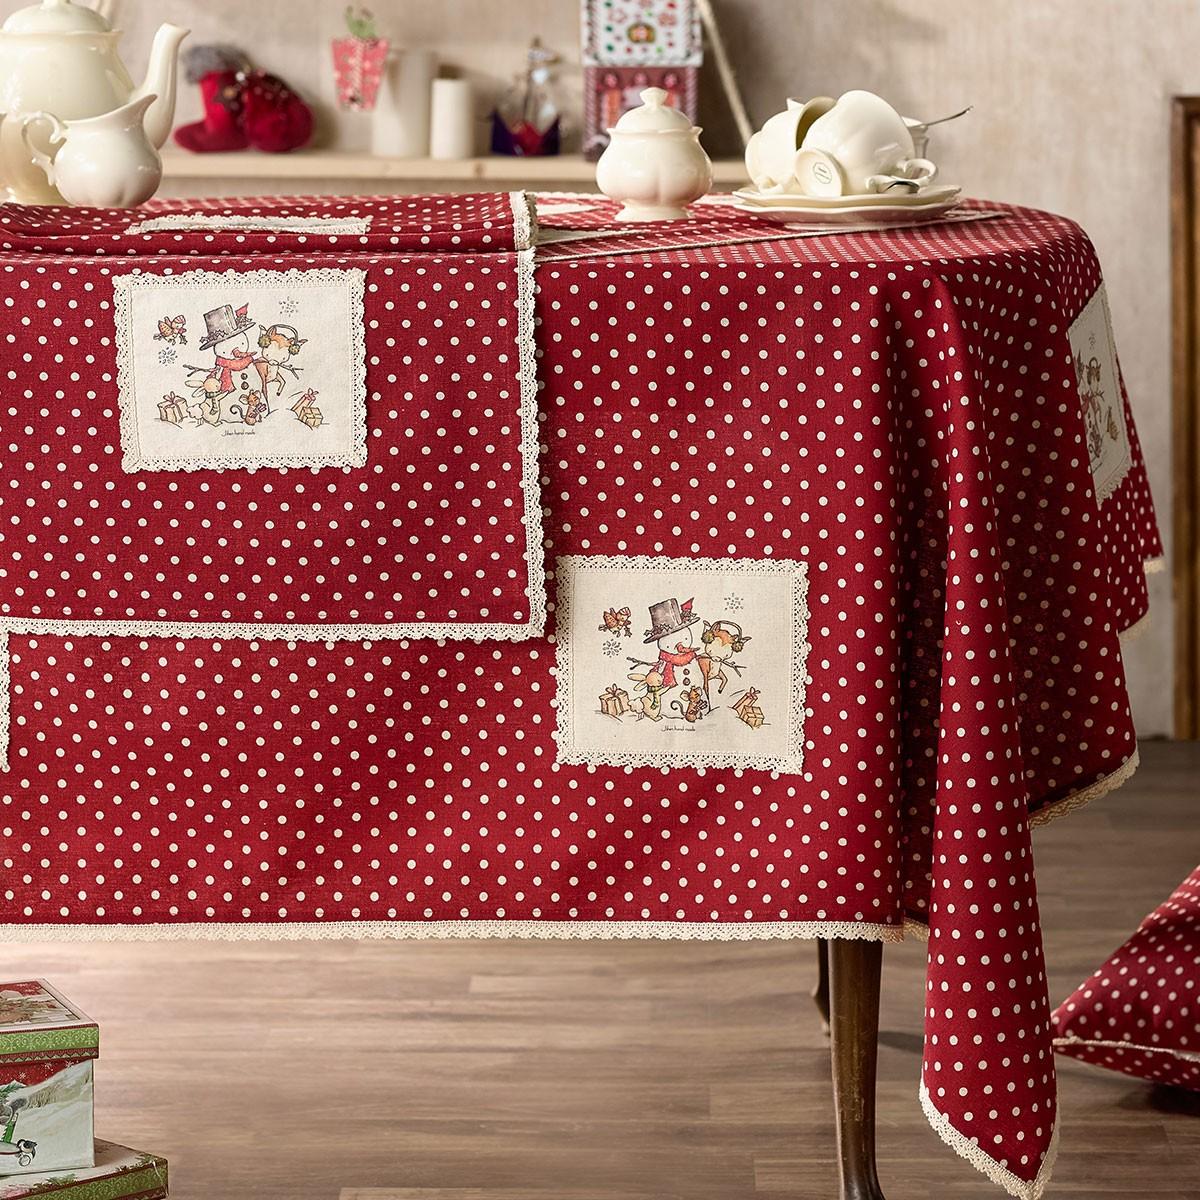 Χριστουγεννιάτικο Τραπεζομάντηλο (145×220) Gofis Home Frosty 877